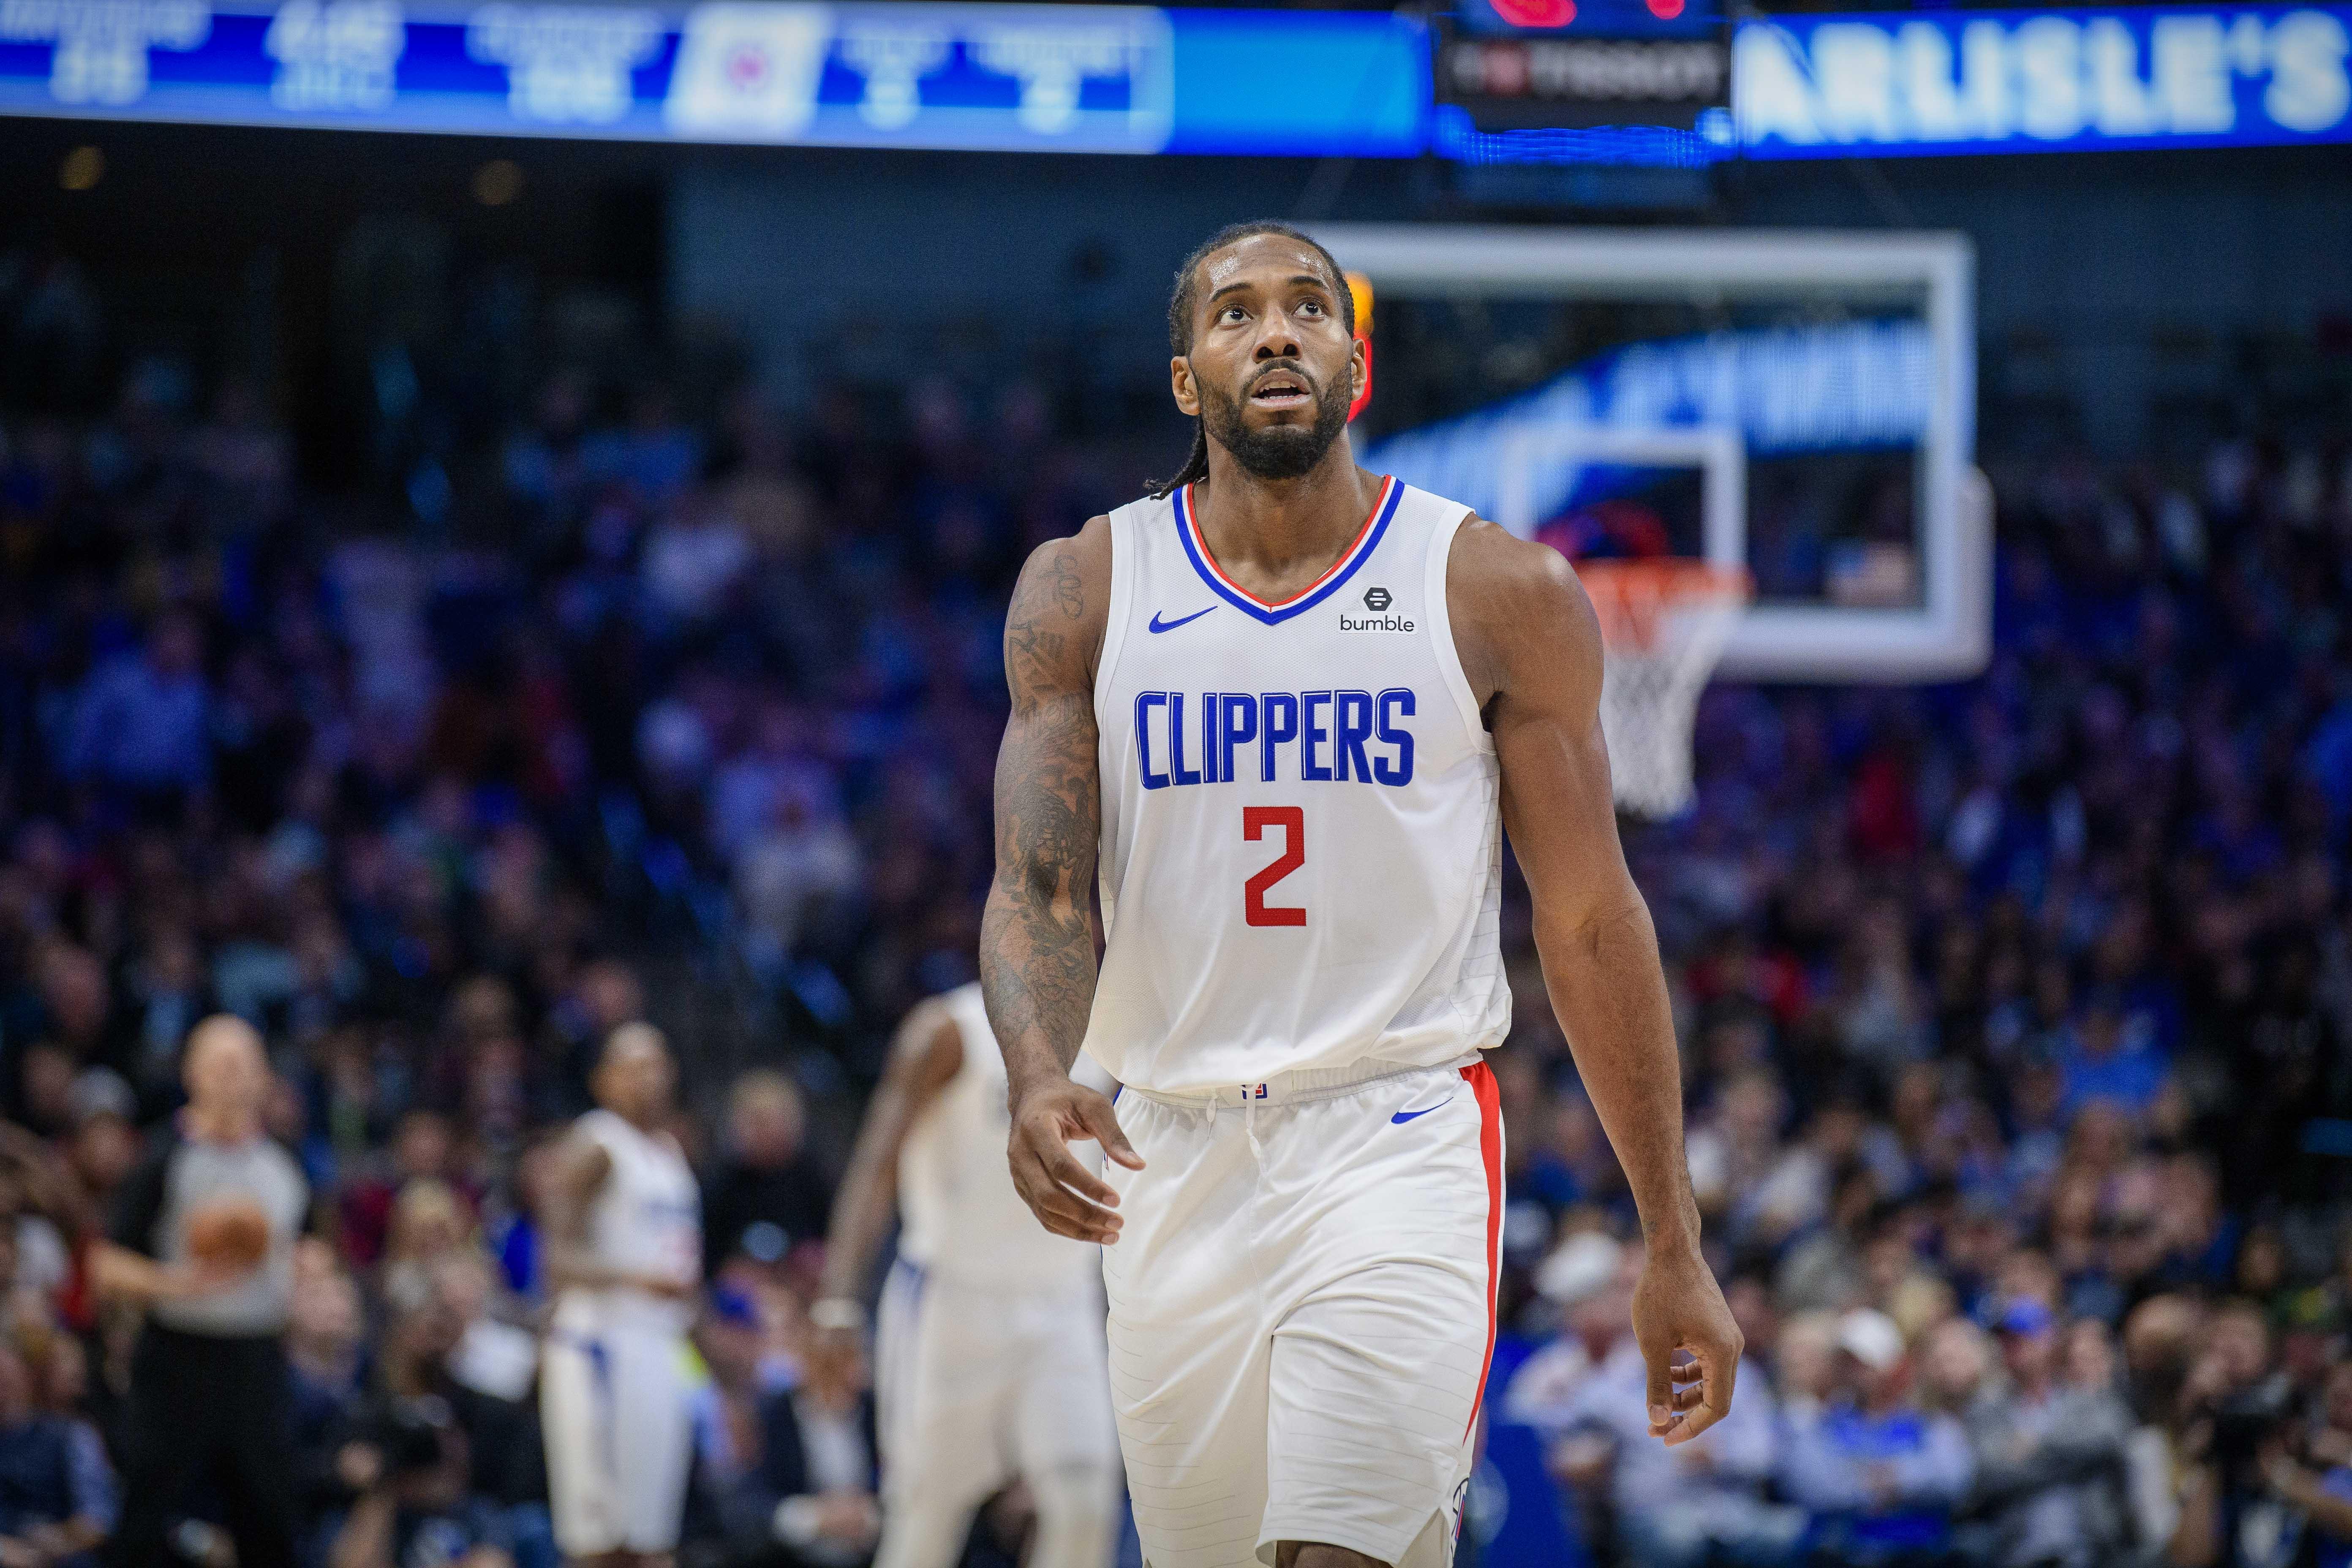 Basket - NBA - Portés par Kawhi Leonard et Paul George, les Clippers prennent le dessus sur Dallas